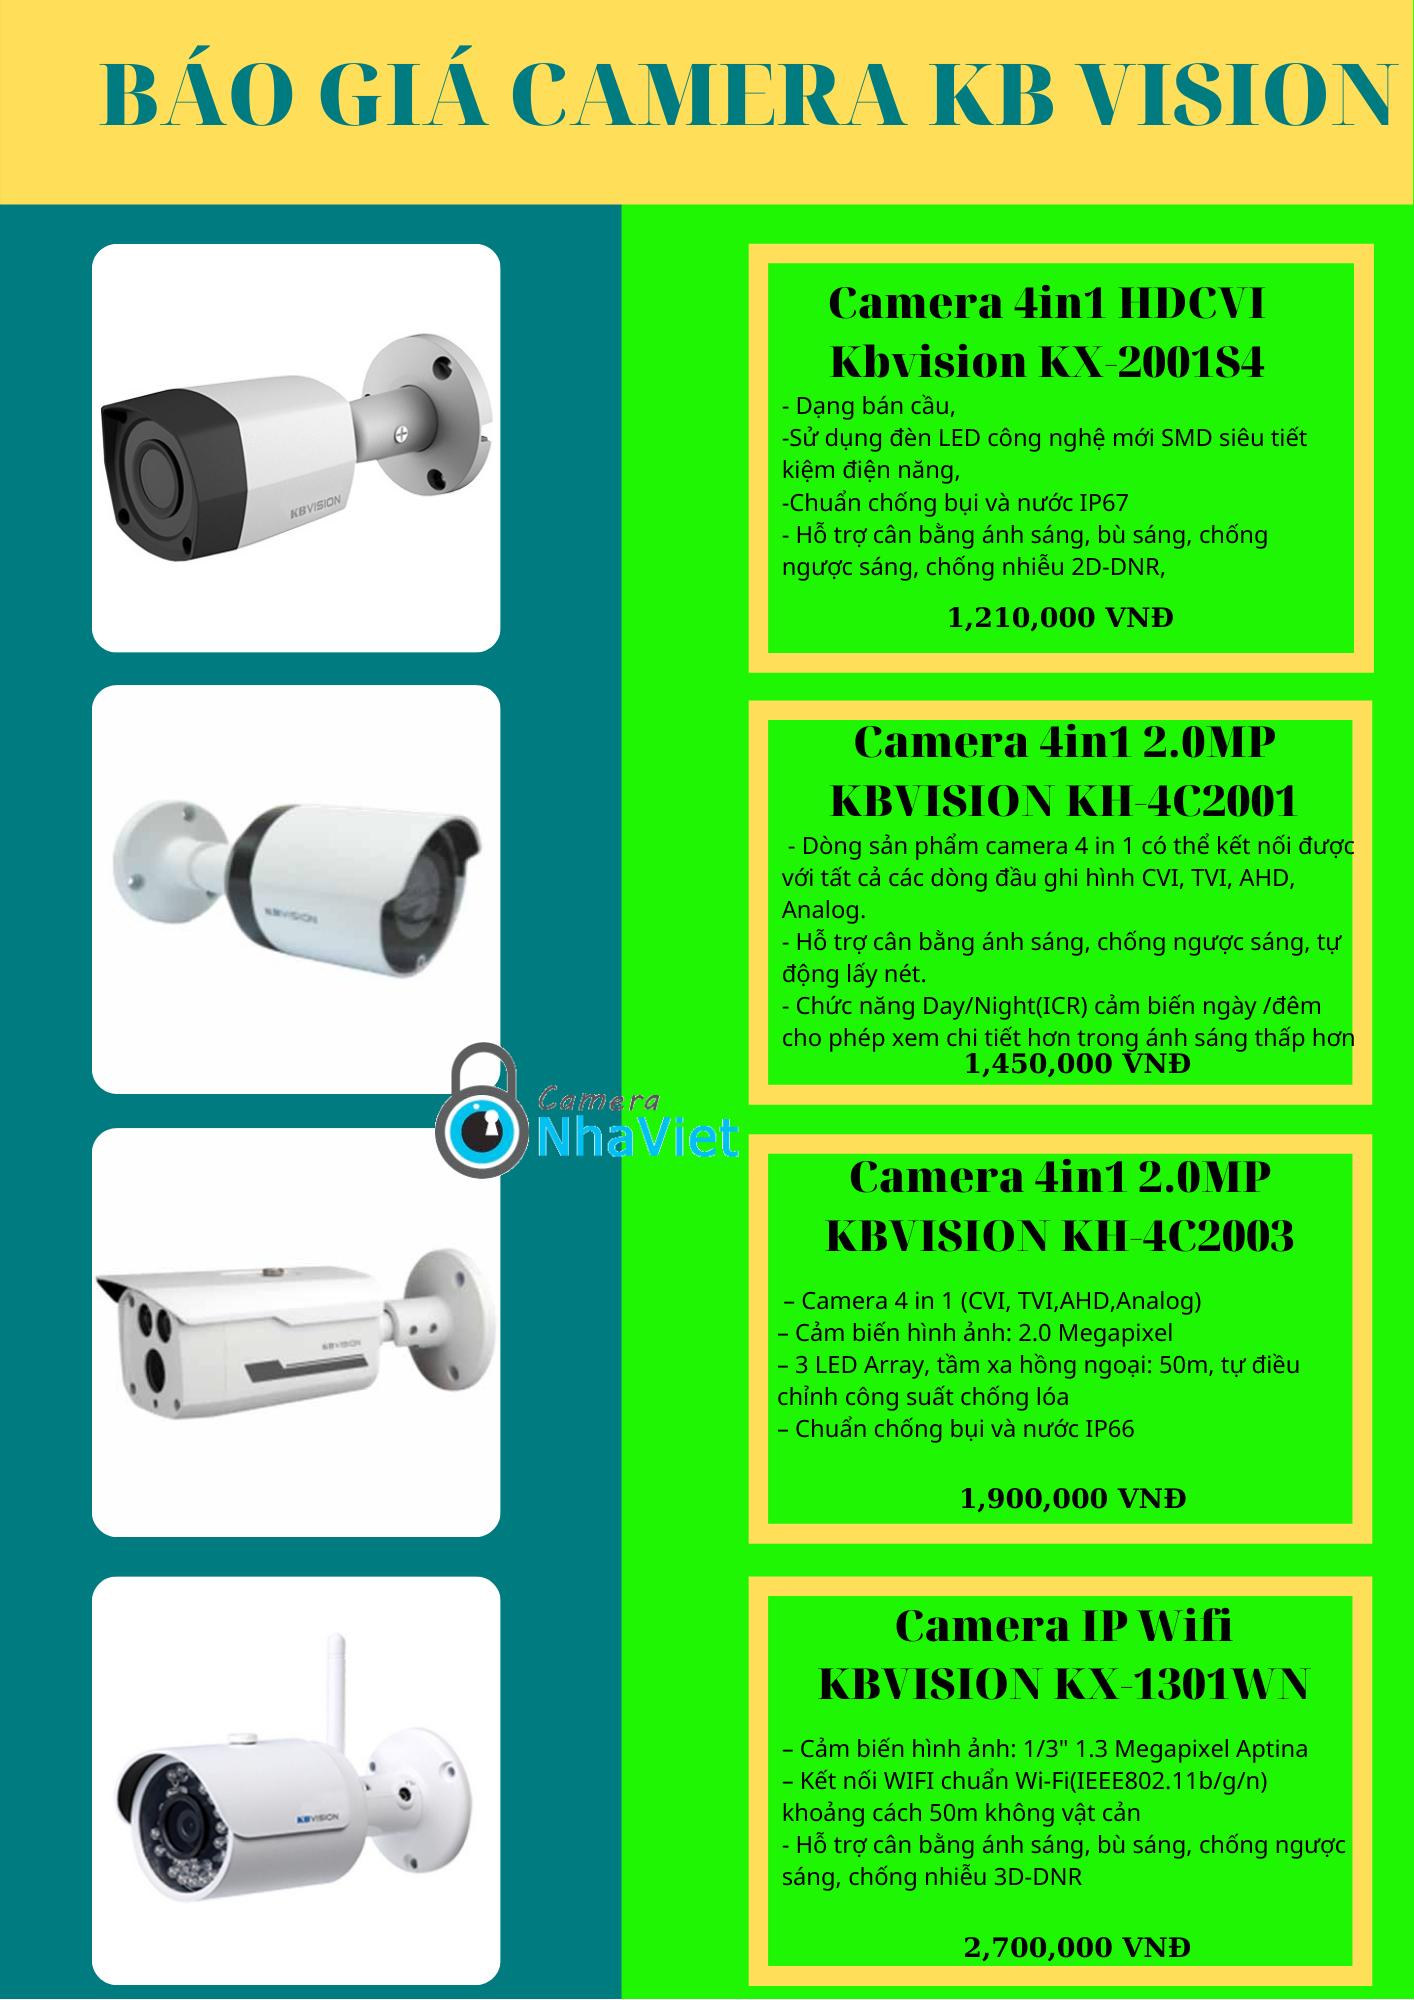 Bảng báo giá Camera giám sát KB Vision